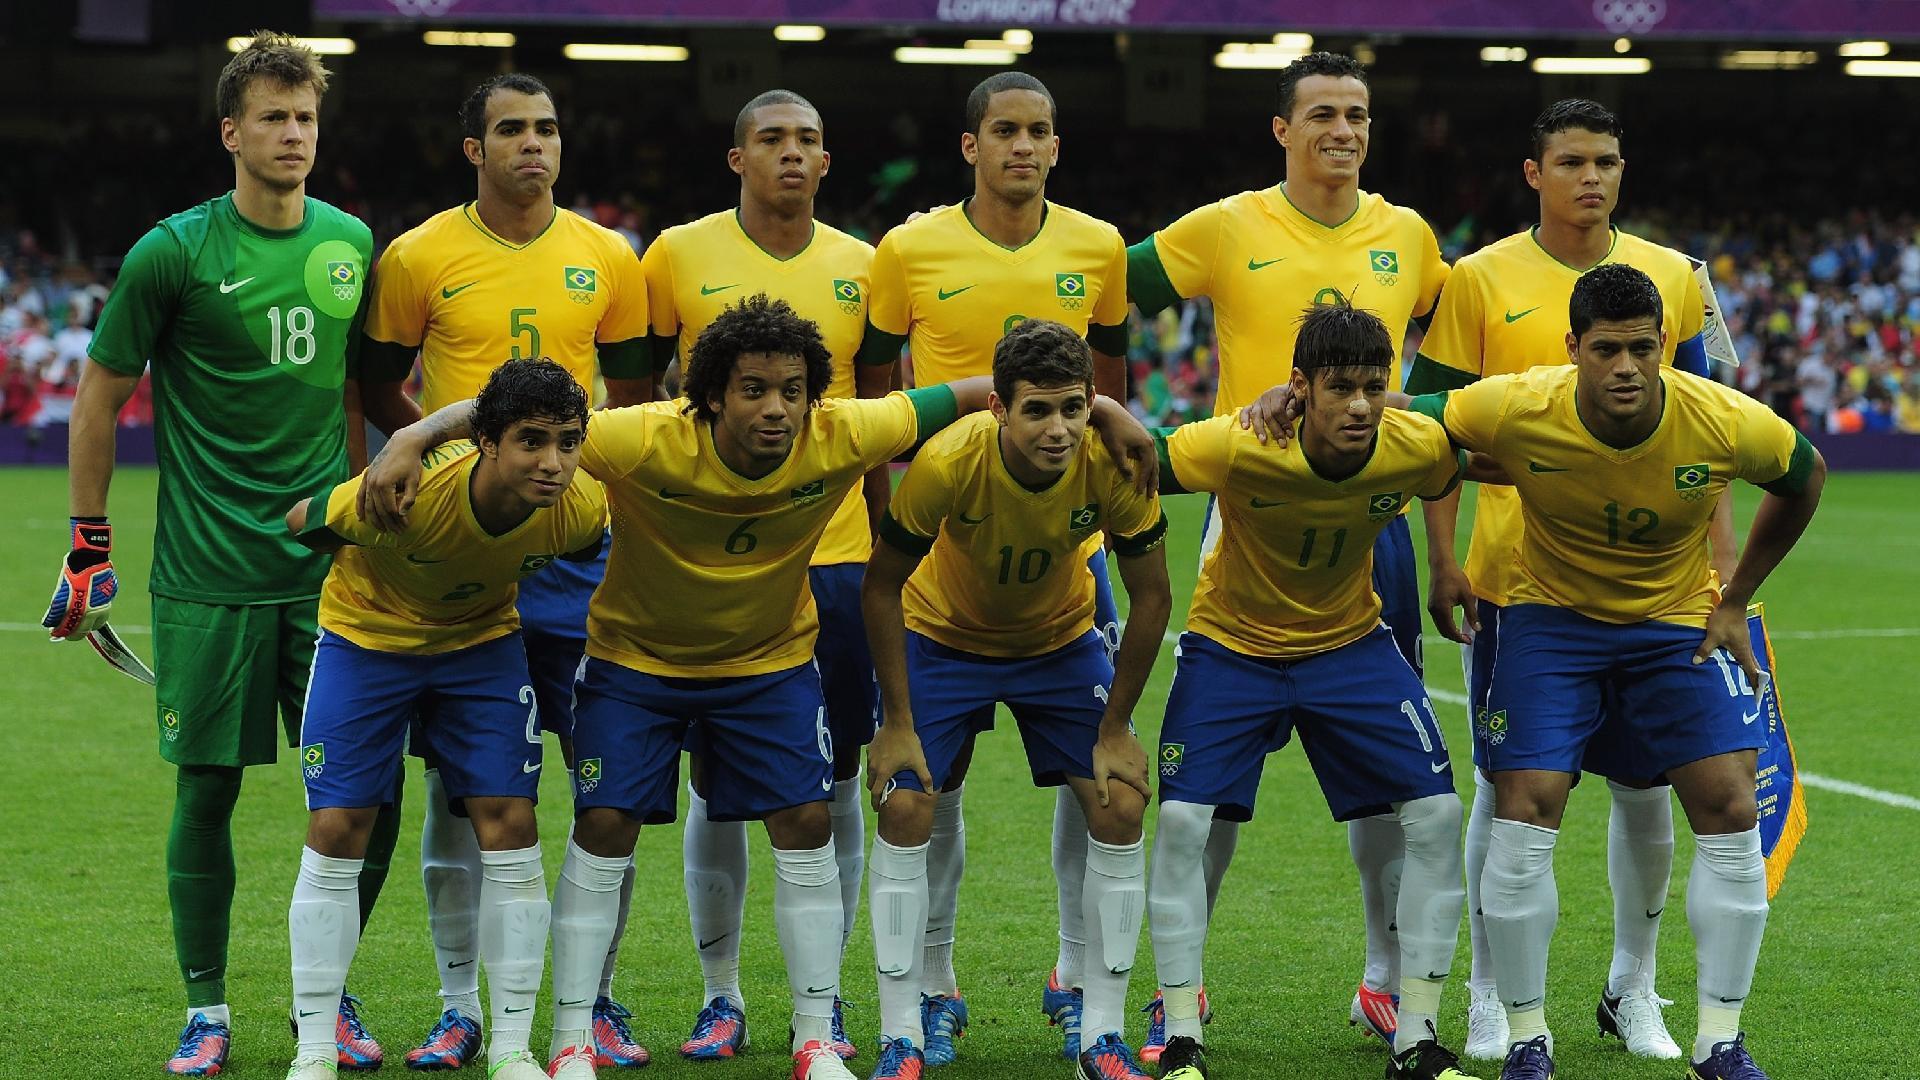 Seleção brasileira posa para foto antes de partida pelos Jogos Olímpicos de 2012